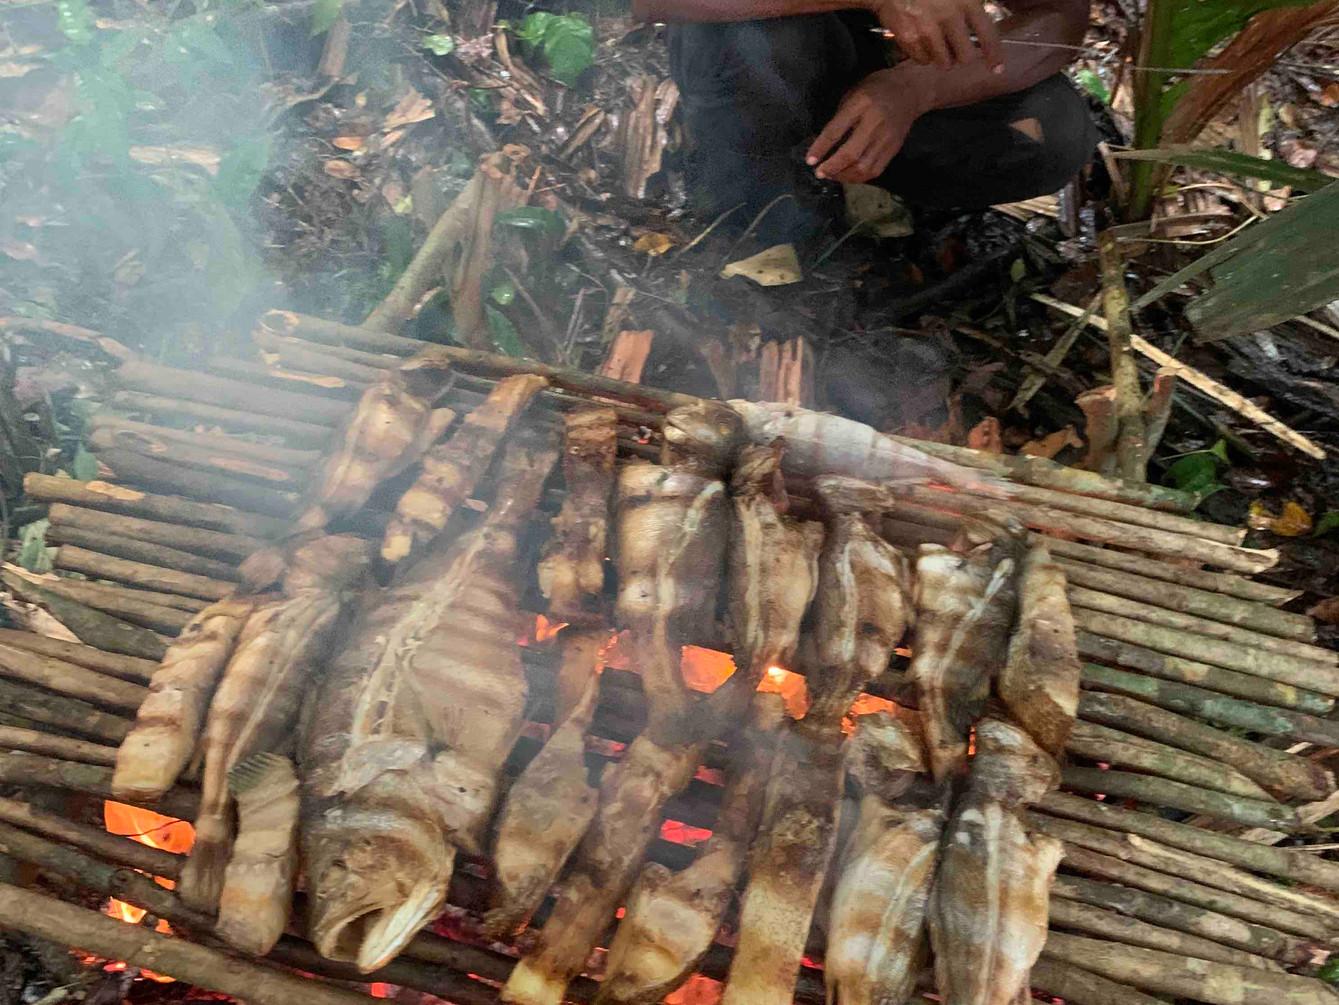 Parrillada de pescado en la selva